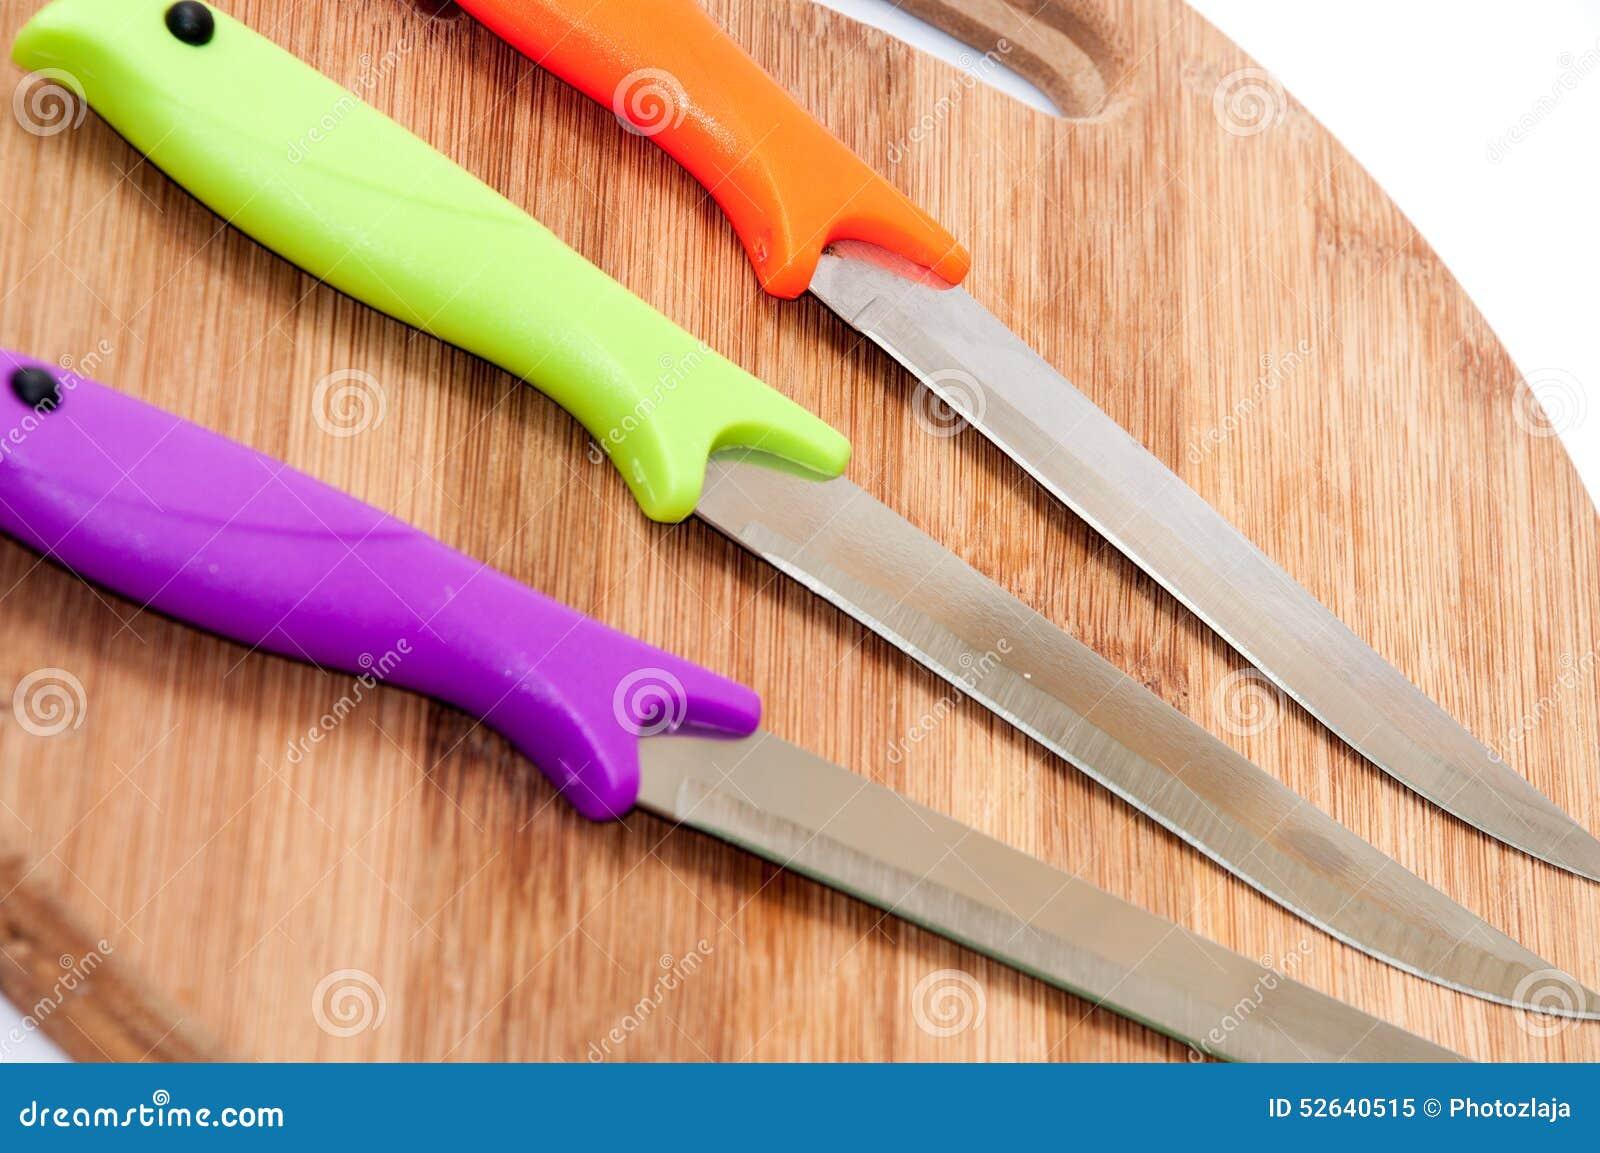 Coltelli Da Cucina Con Le Maniglie Di Plastica Variopinte Su Un ...